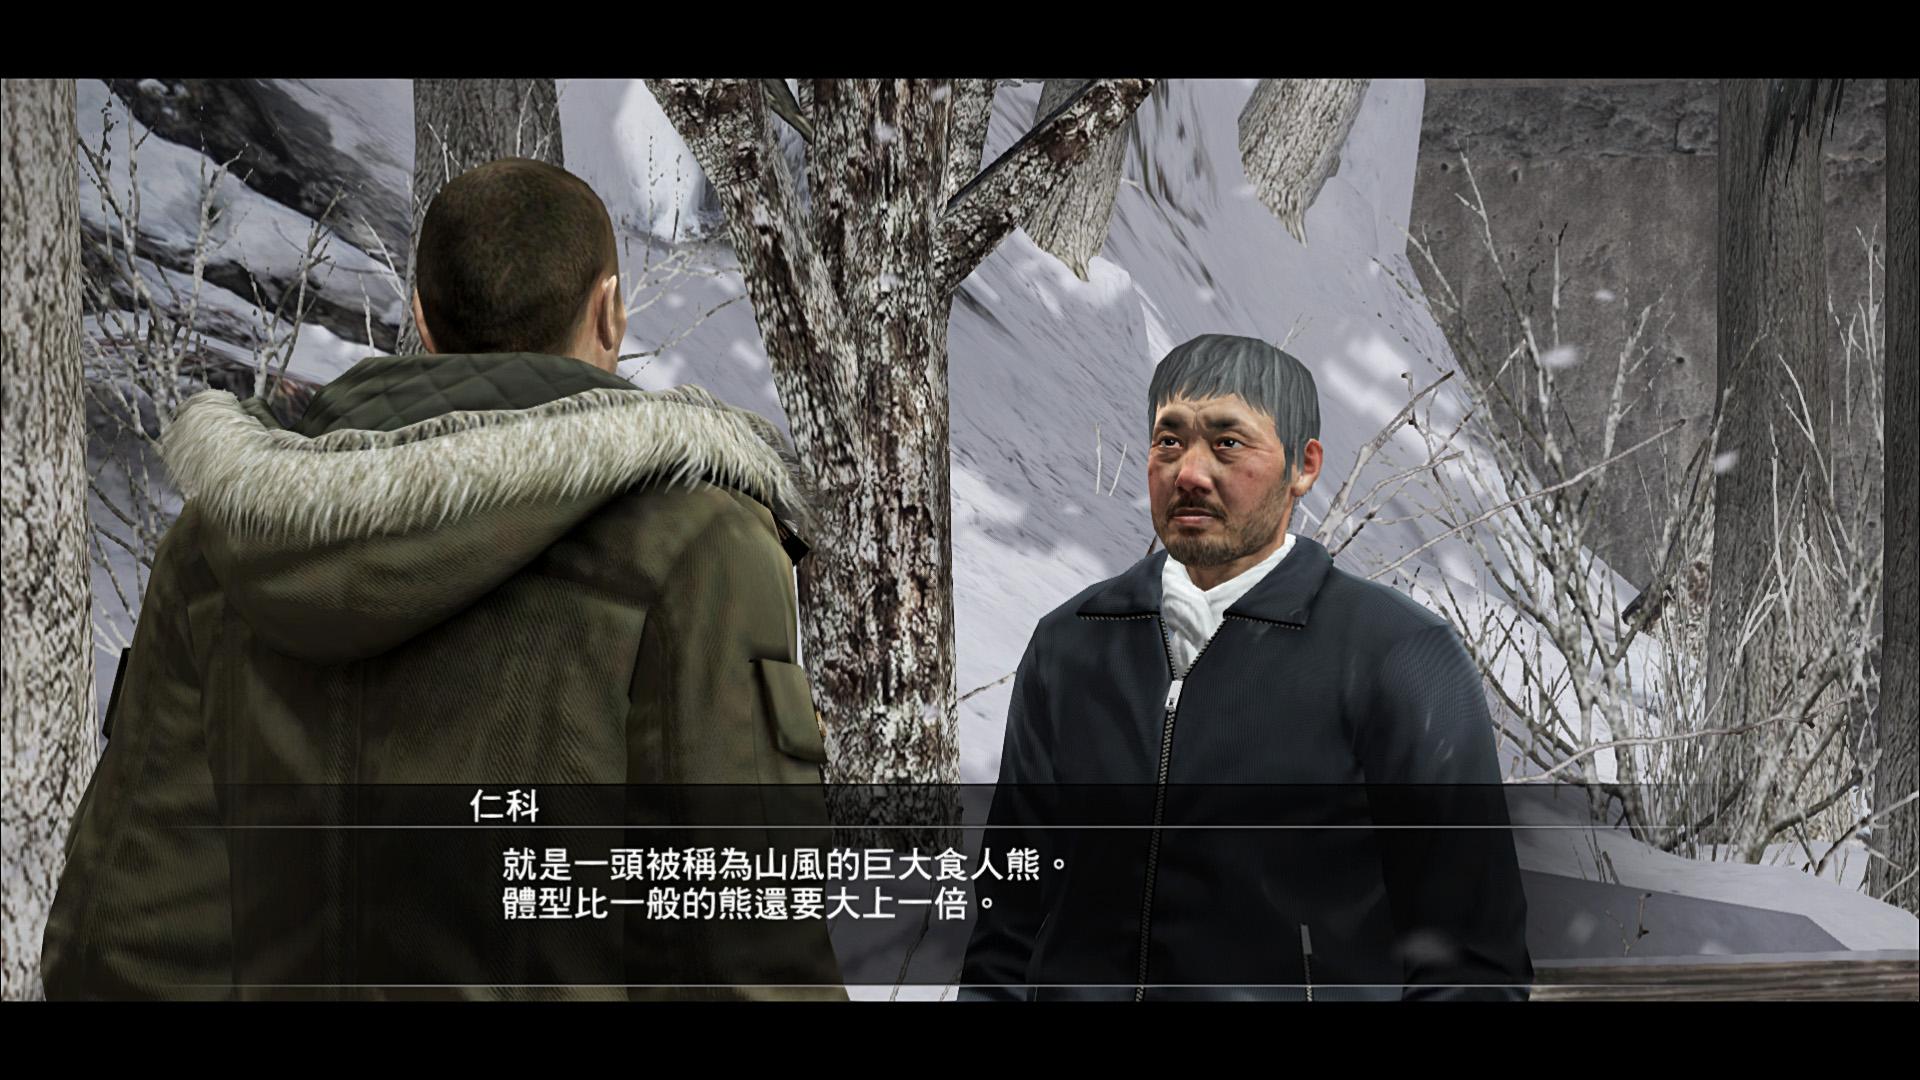 『人中之龍5 實現夢想者』注目的新要素 透過劇情和小遊戲描寫主角們生活的「額外篇章」 10_zh10